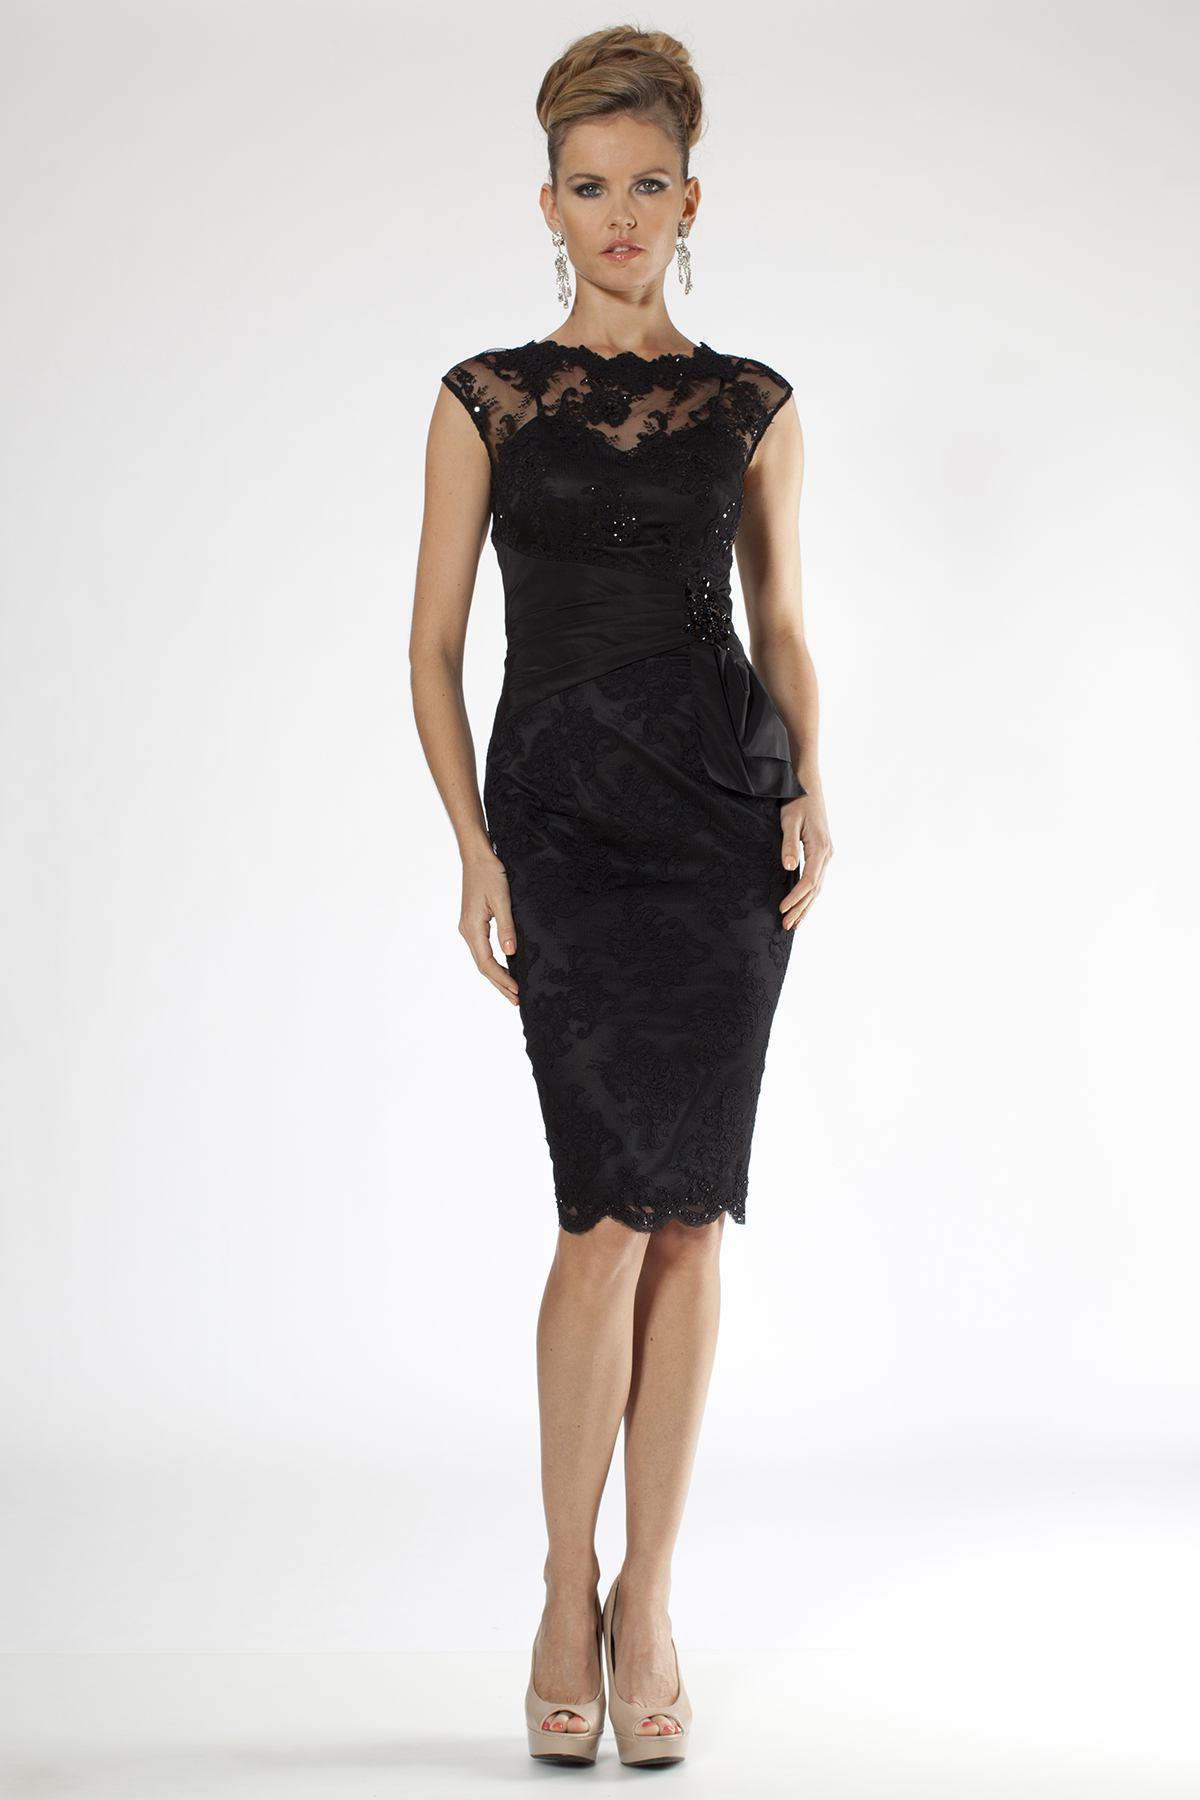 2b6f5a1b625 Черные кружевные платья  100+ вариантов шикарных фасонов и сочетаний